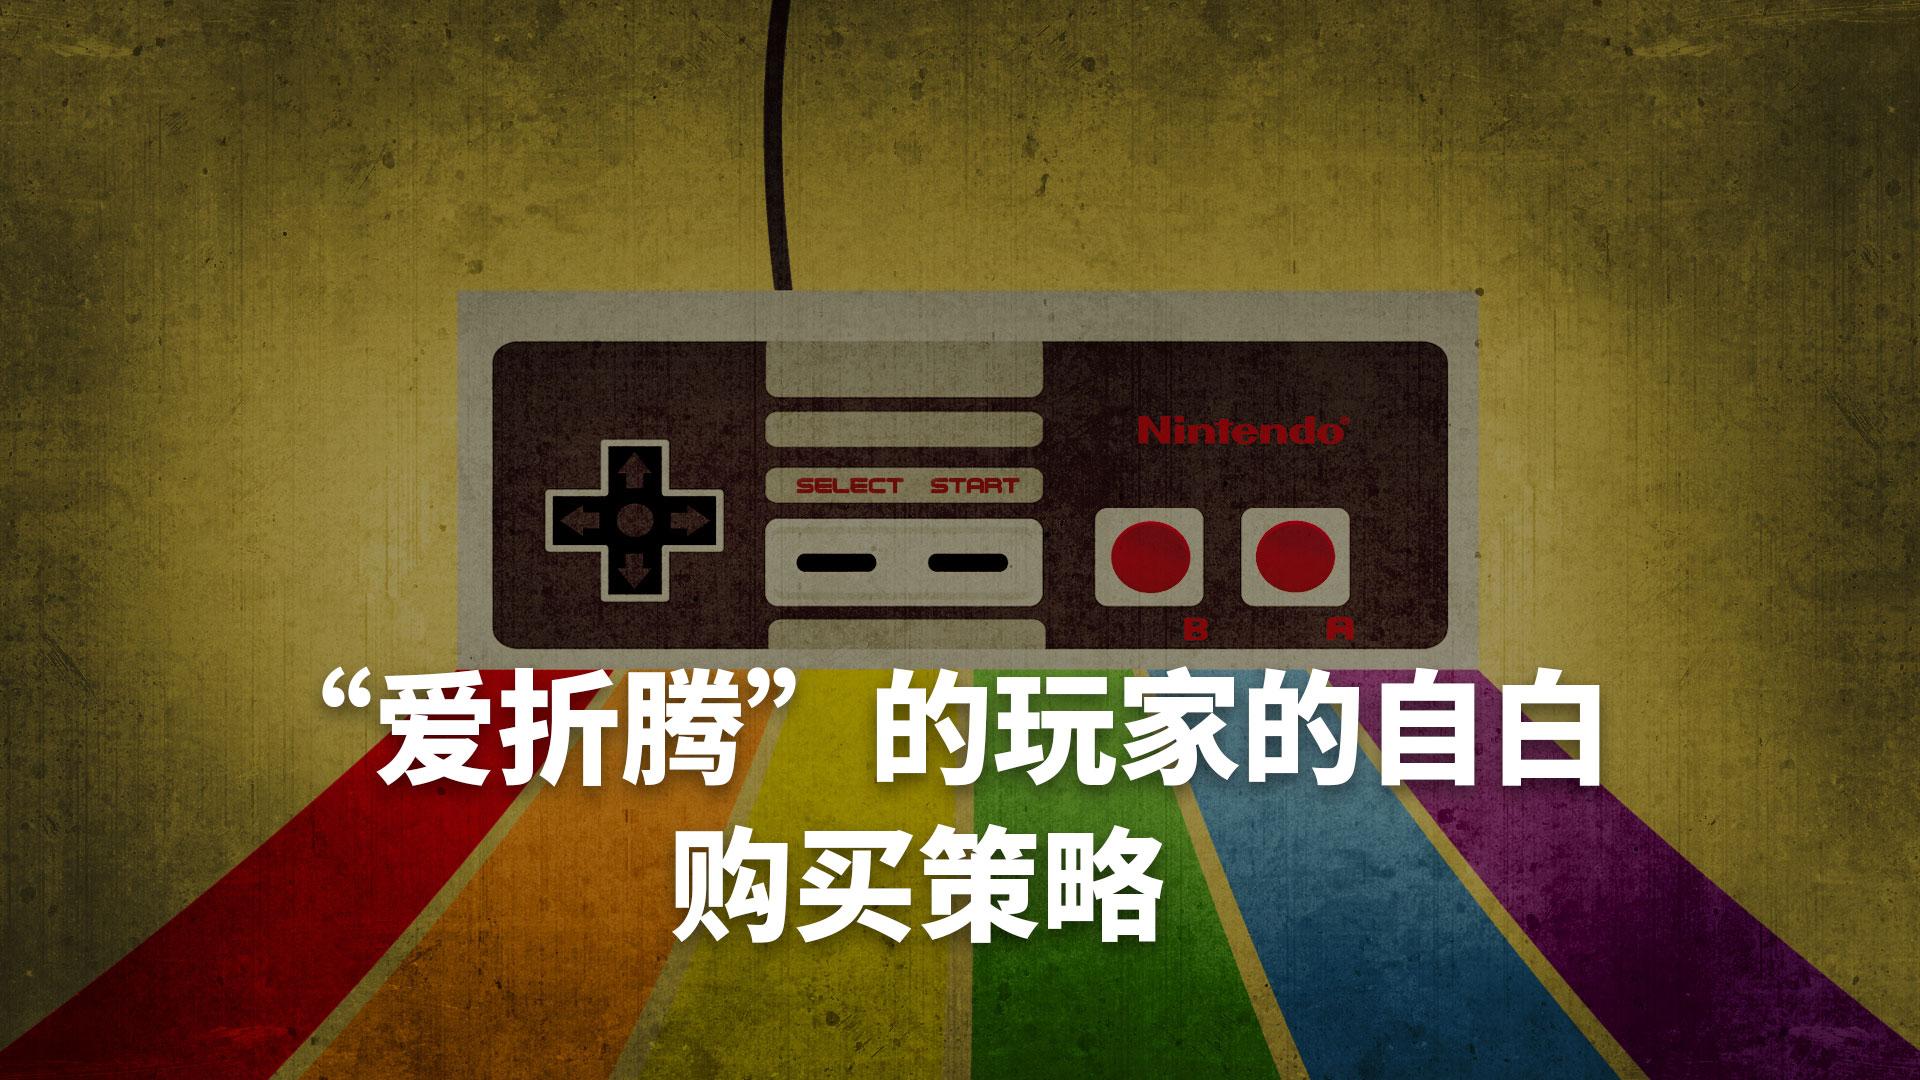 """""""爱折腾""""的玩家(1)选择恐惧症的""""购买策略"""" - interest 1"""